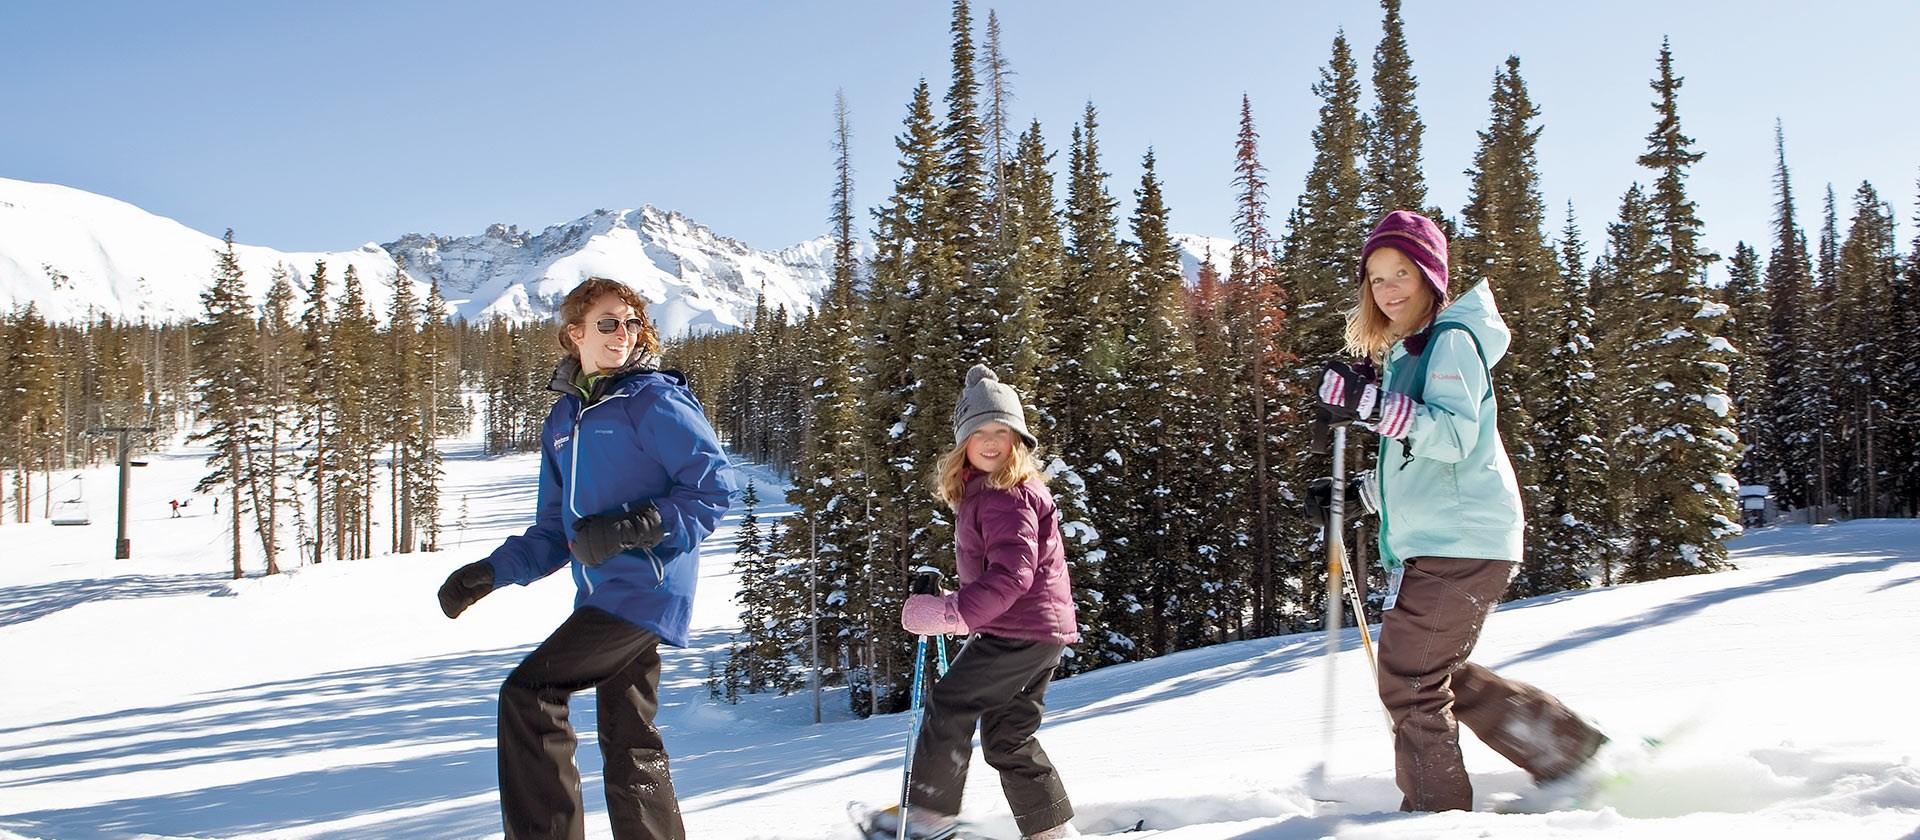 eco-adventures-winter-kids-2014-15.jpg